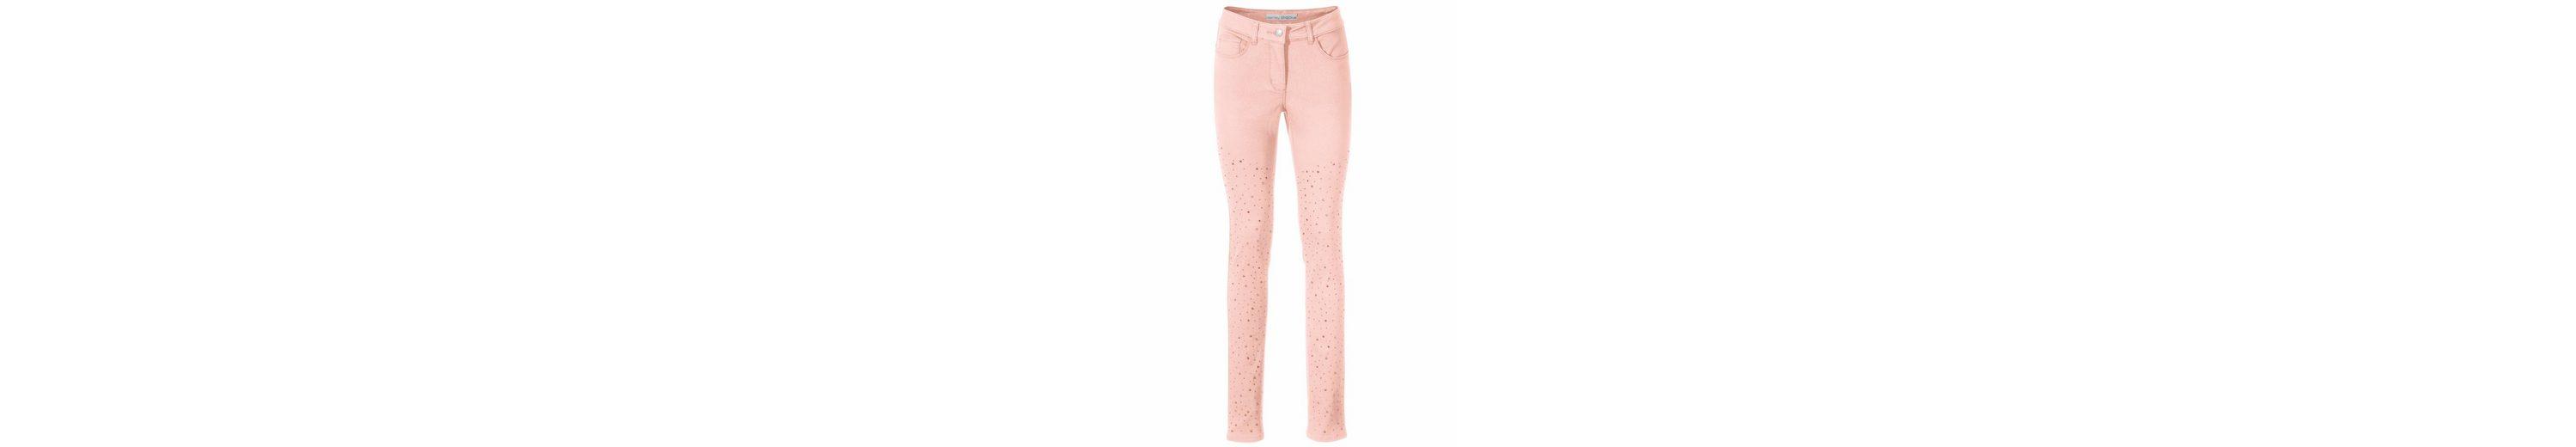 ASHLEY BROOKE by Heine Bodyform-Jeans mit Bauch-weg-Funktion Auslass Großhandelspreis Billig Einkaufen Billig Verkauf Niedriger Preis Billig Verkauf 2018 Unisex Wie Viel Online 5BsfF